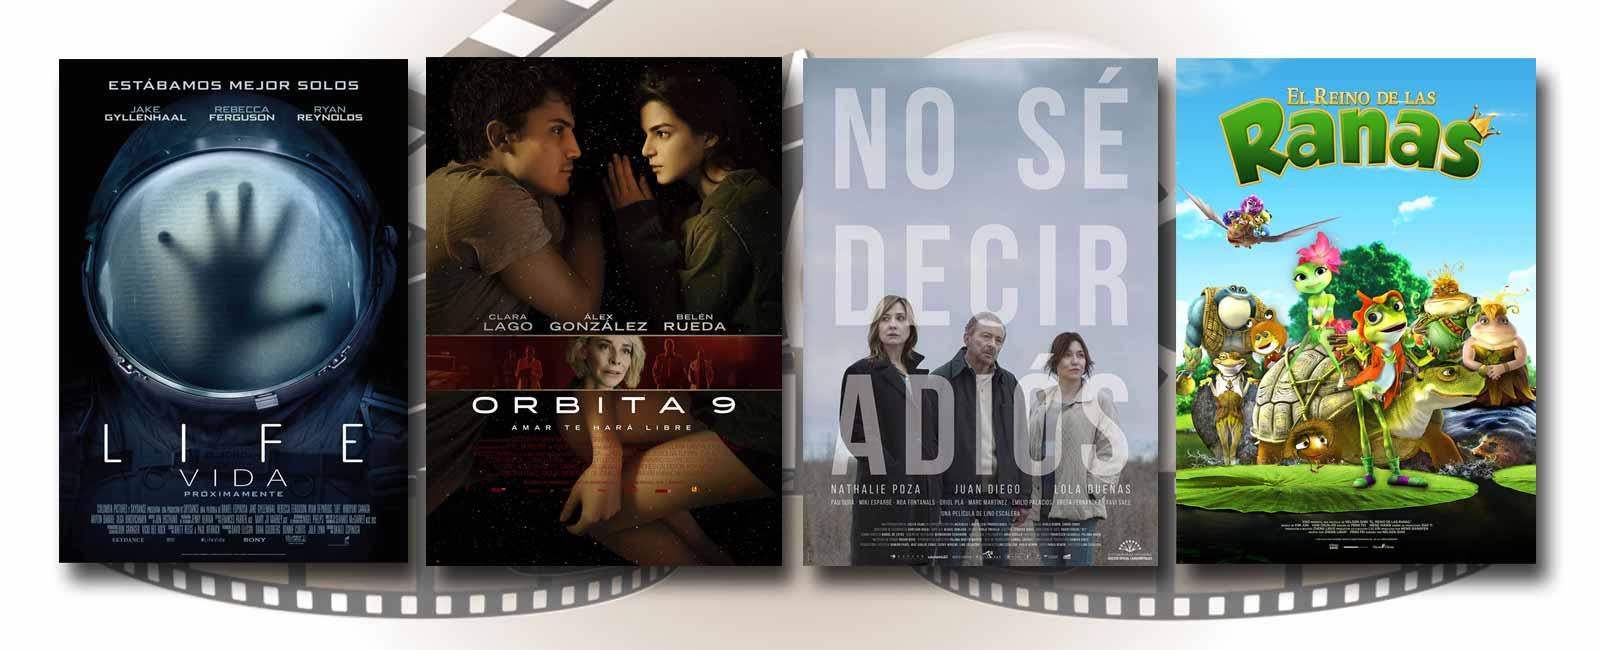 Estrenos de Cine de la Semana… 7 de Abril 2017